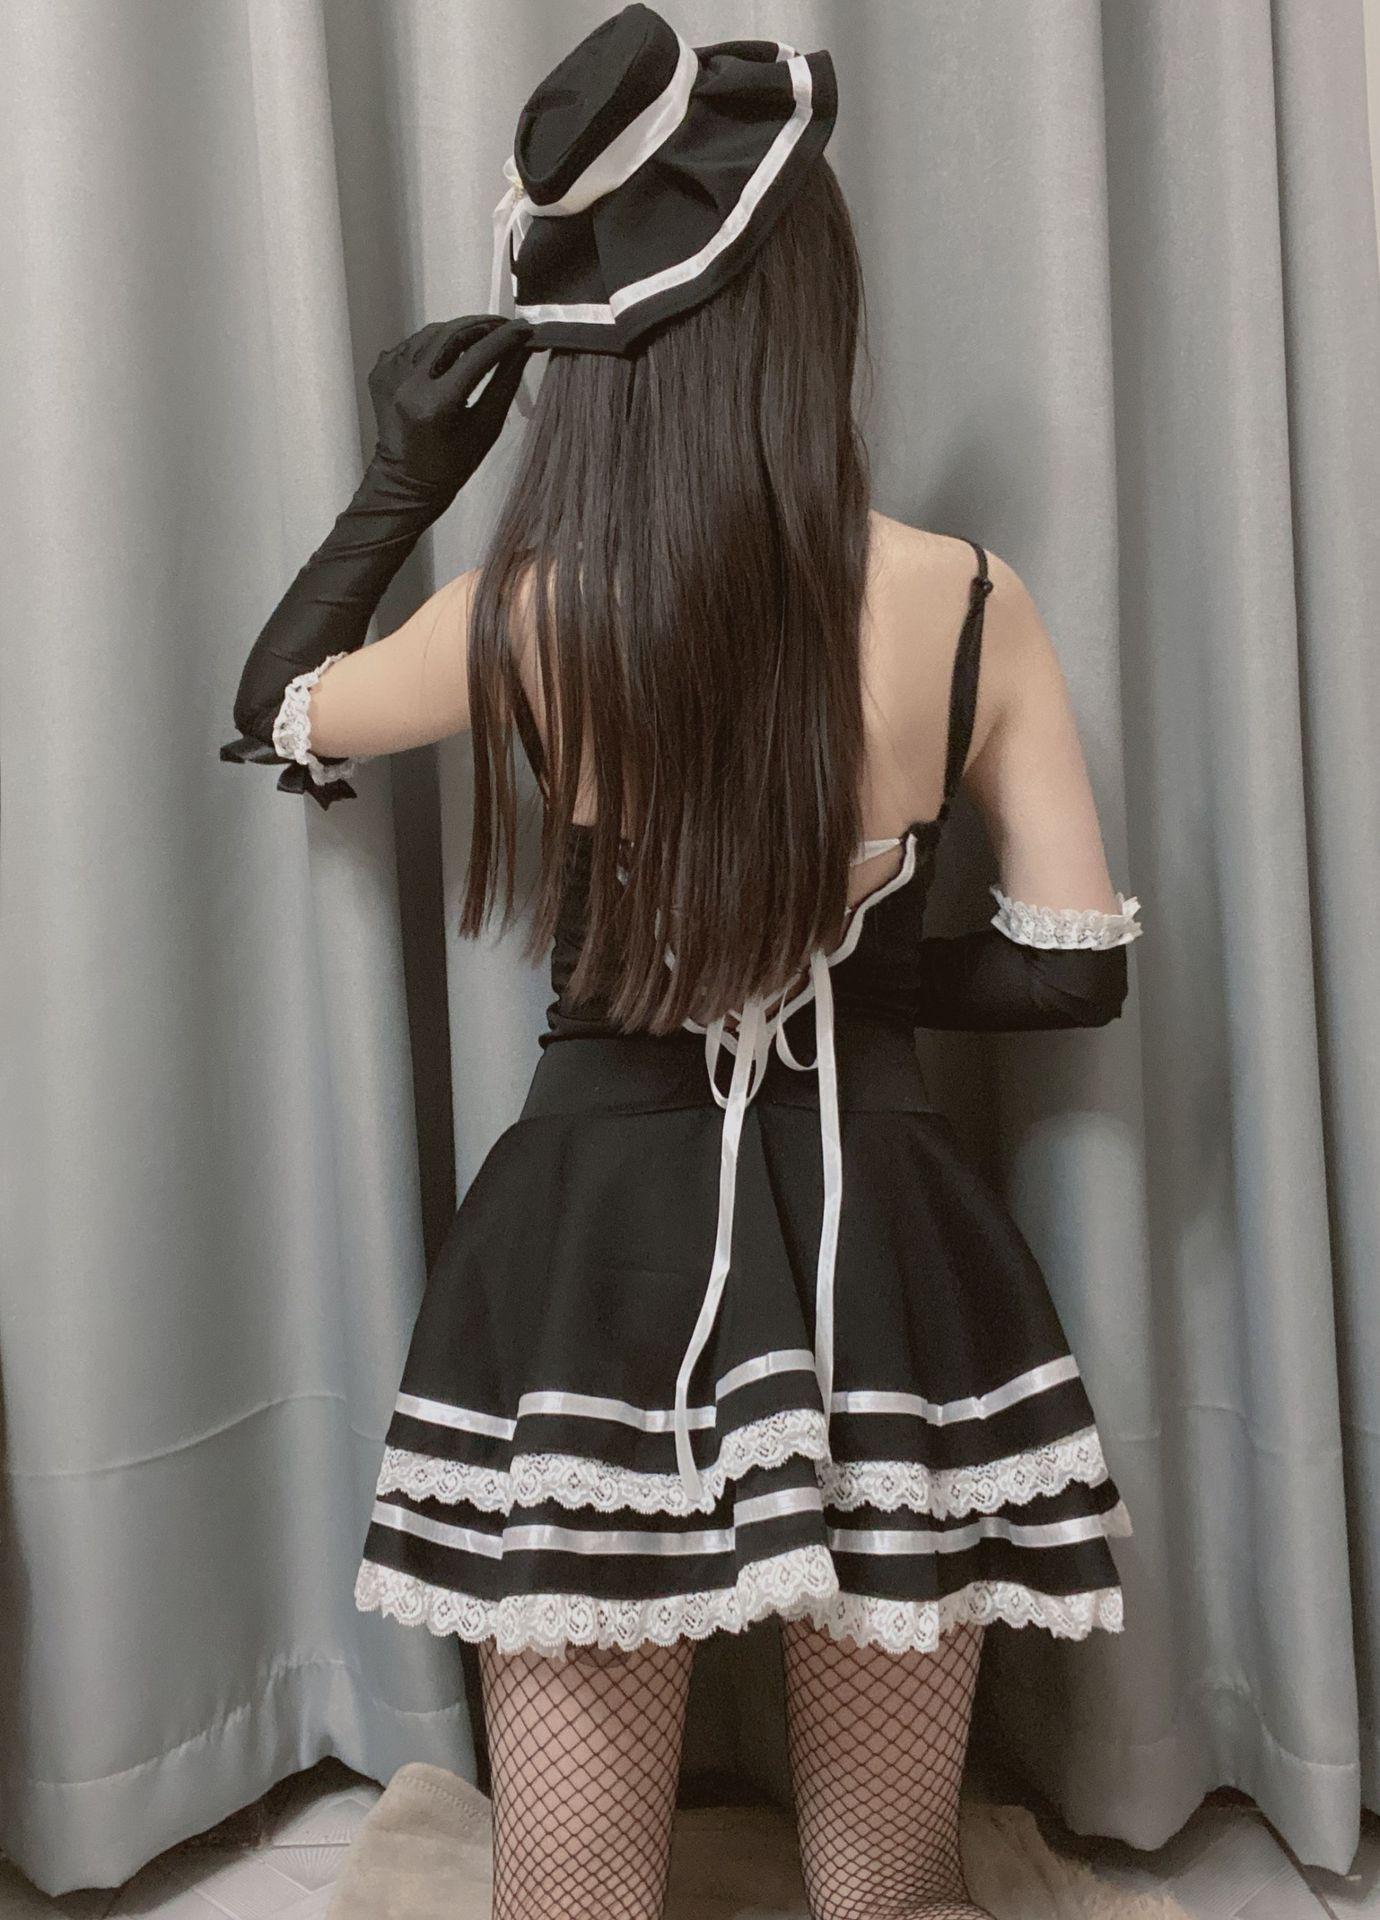 SEWaO amour Ruru nouveau sous-vêtements sexy princesse uniforme robe jarretelle mignonne robe jupe jarretelle fille jeu princesse tentation